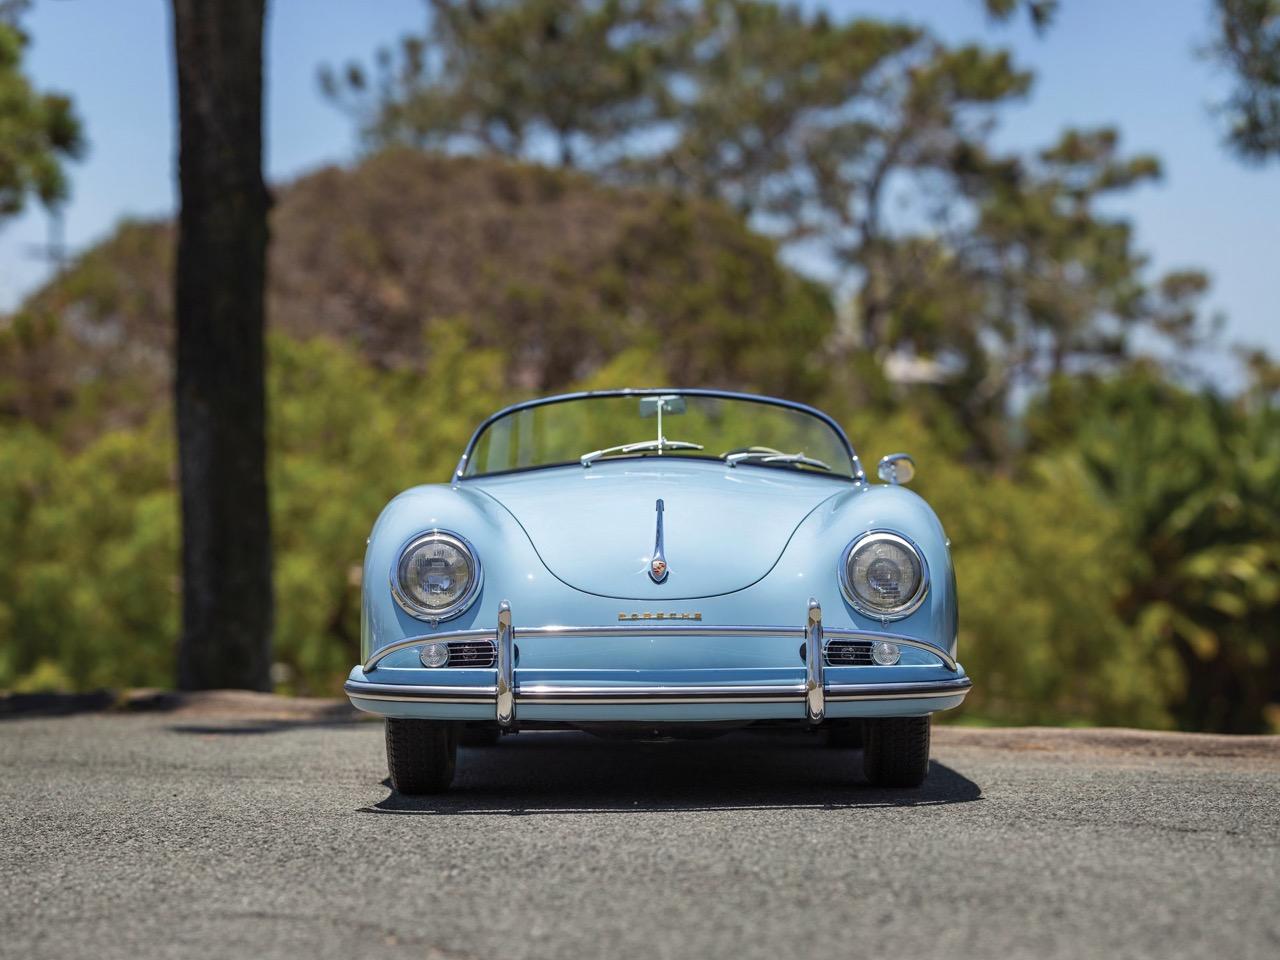 '58 Porsche 356 A 1600 Speedster : Episode 1 ! 30